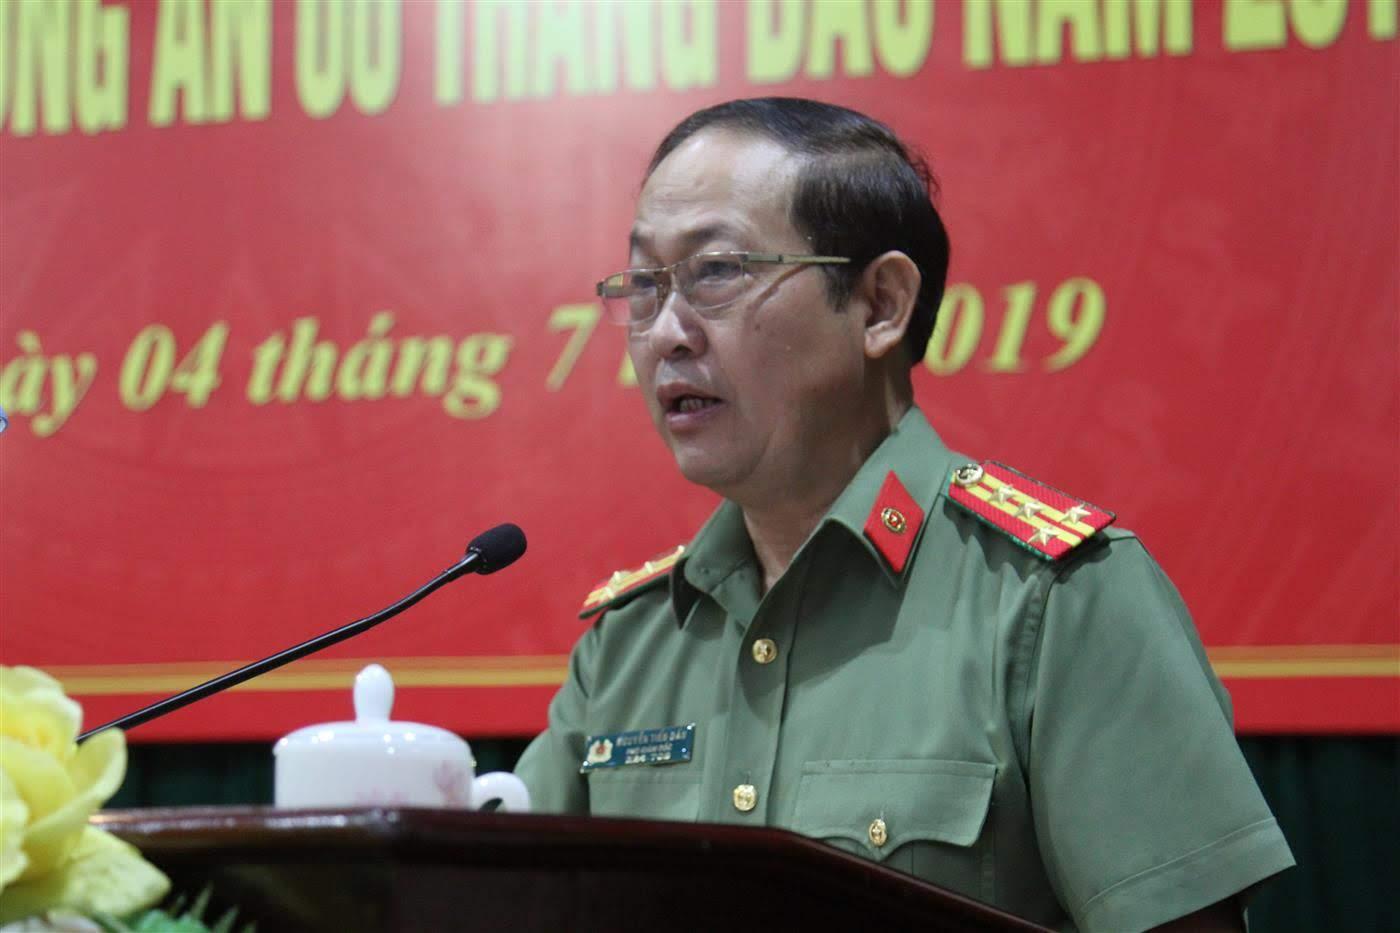 Đại tá Nguyễn Tiến Dần, Phó Giám đốc Công an tỉnh trình bày báo cáo sơ kết công tác 6 tháng đầu năm